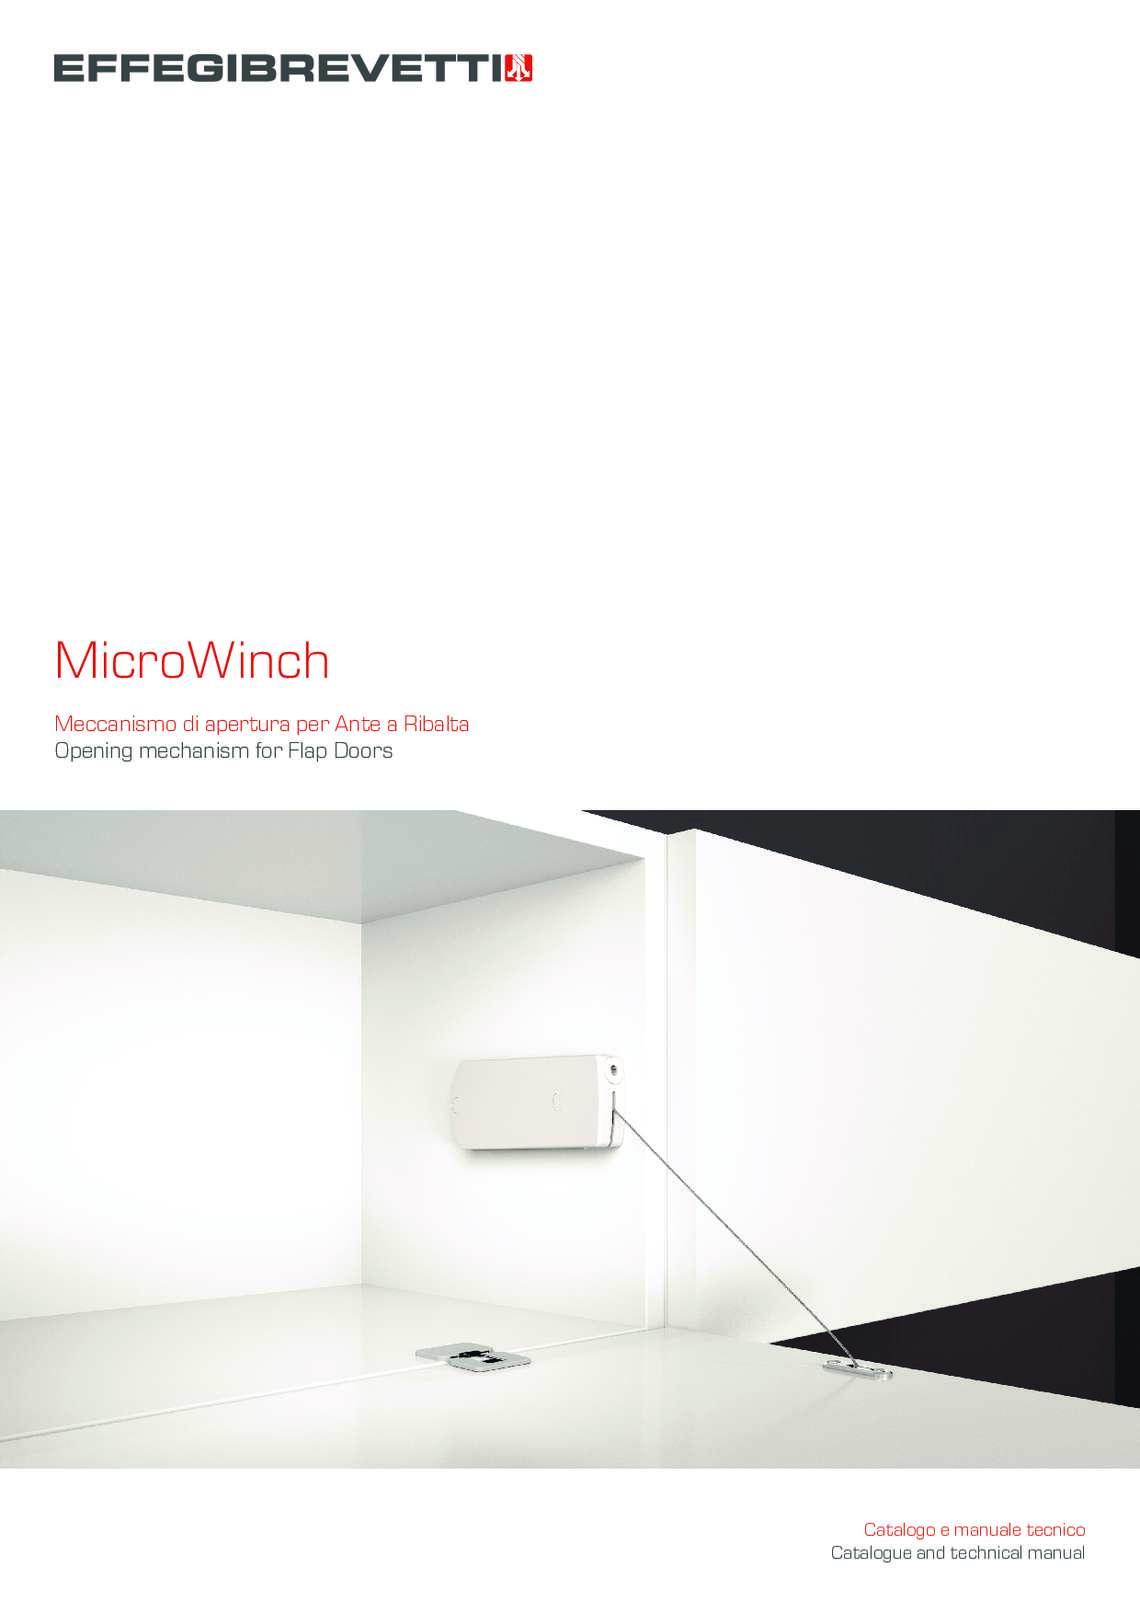 MicroWinch Meccanismo per Ante a Ribalta Effegibrevetti